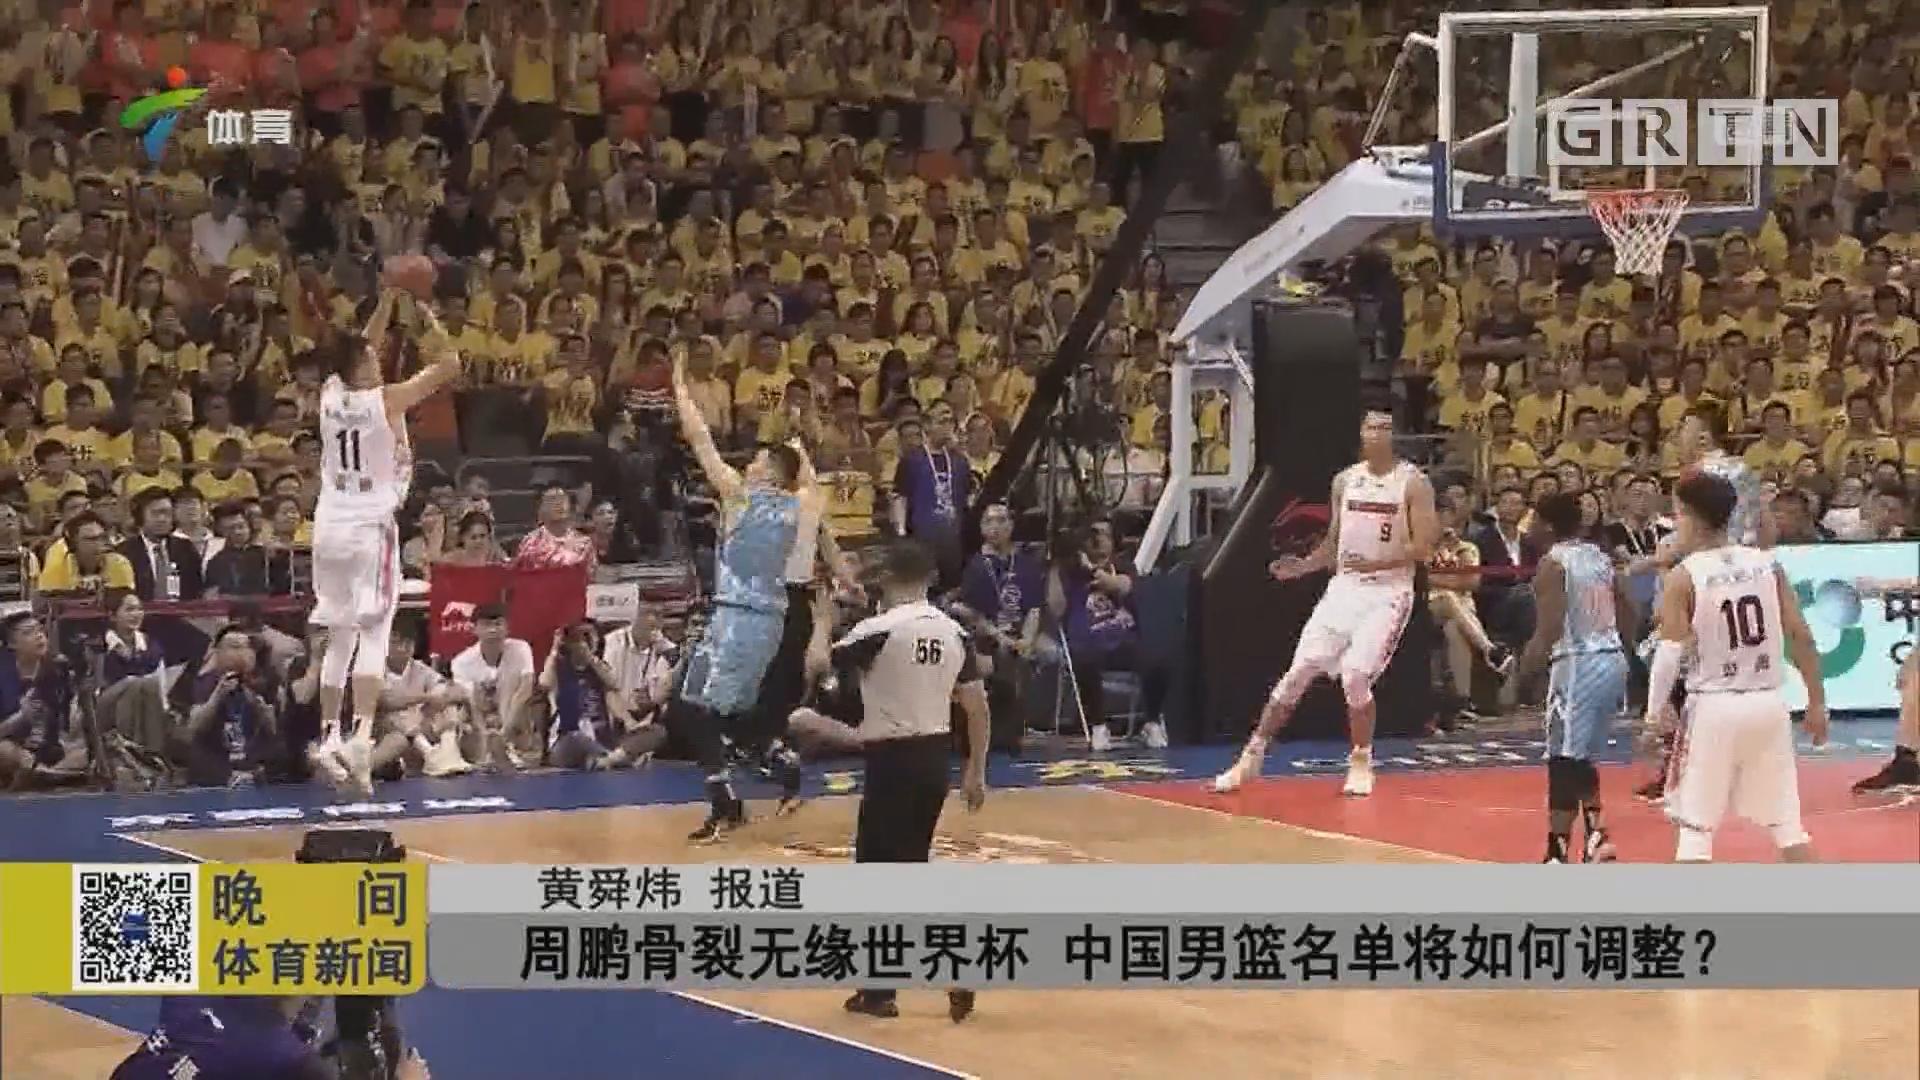 周鹏骨裂无缘世界杯 中国男篮名单将如何调整?